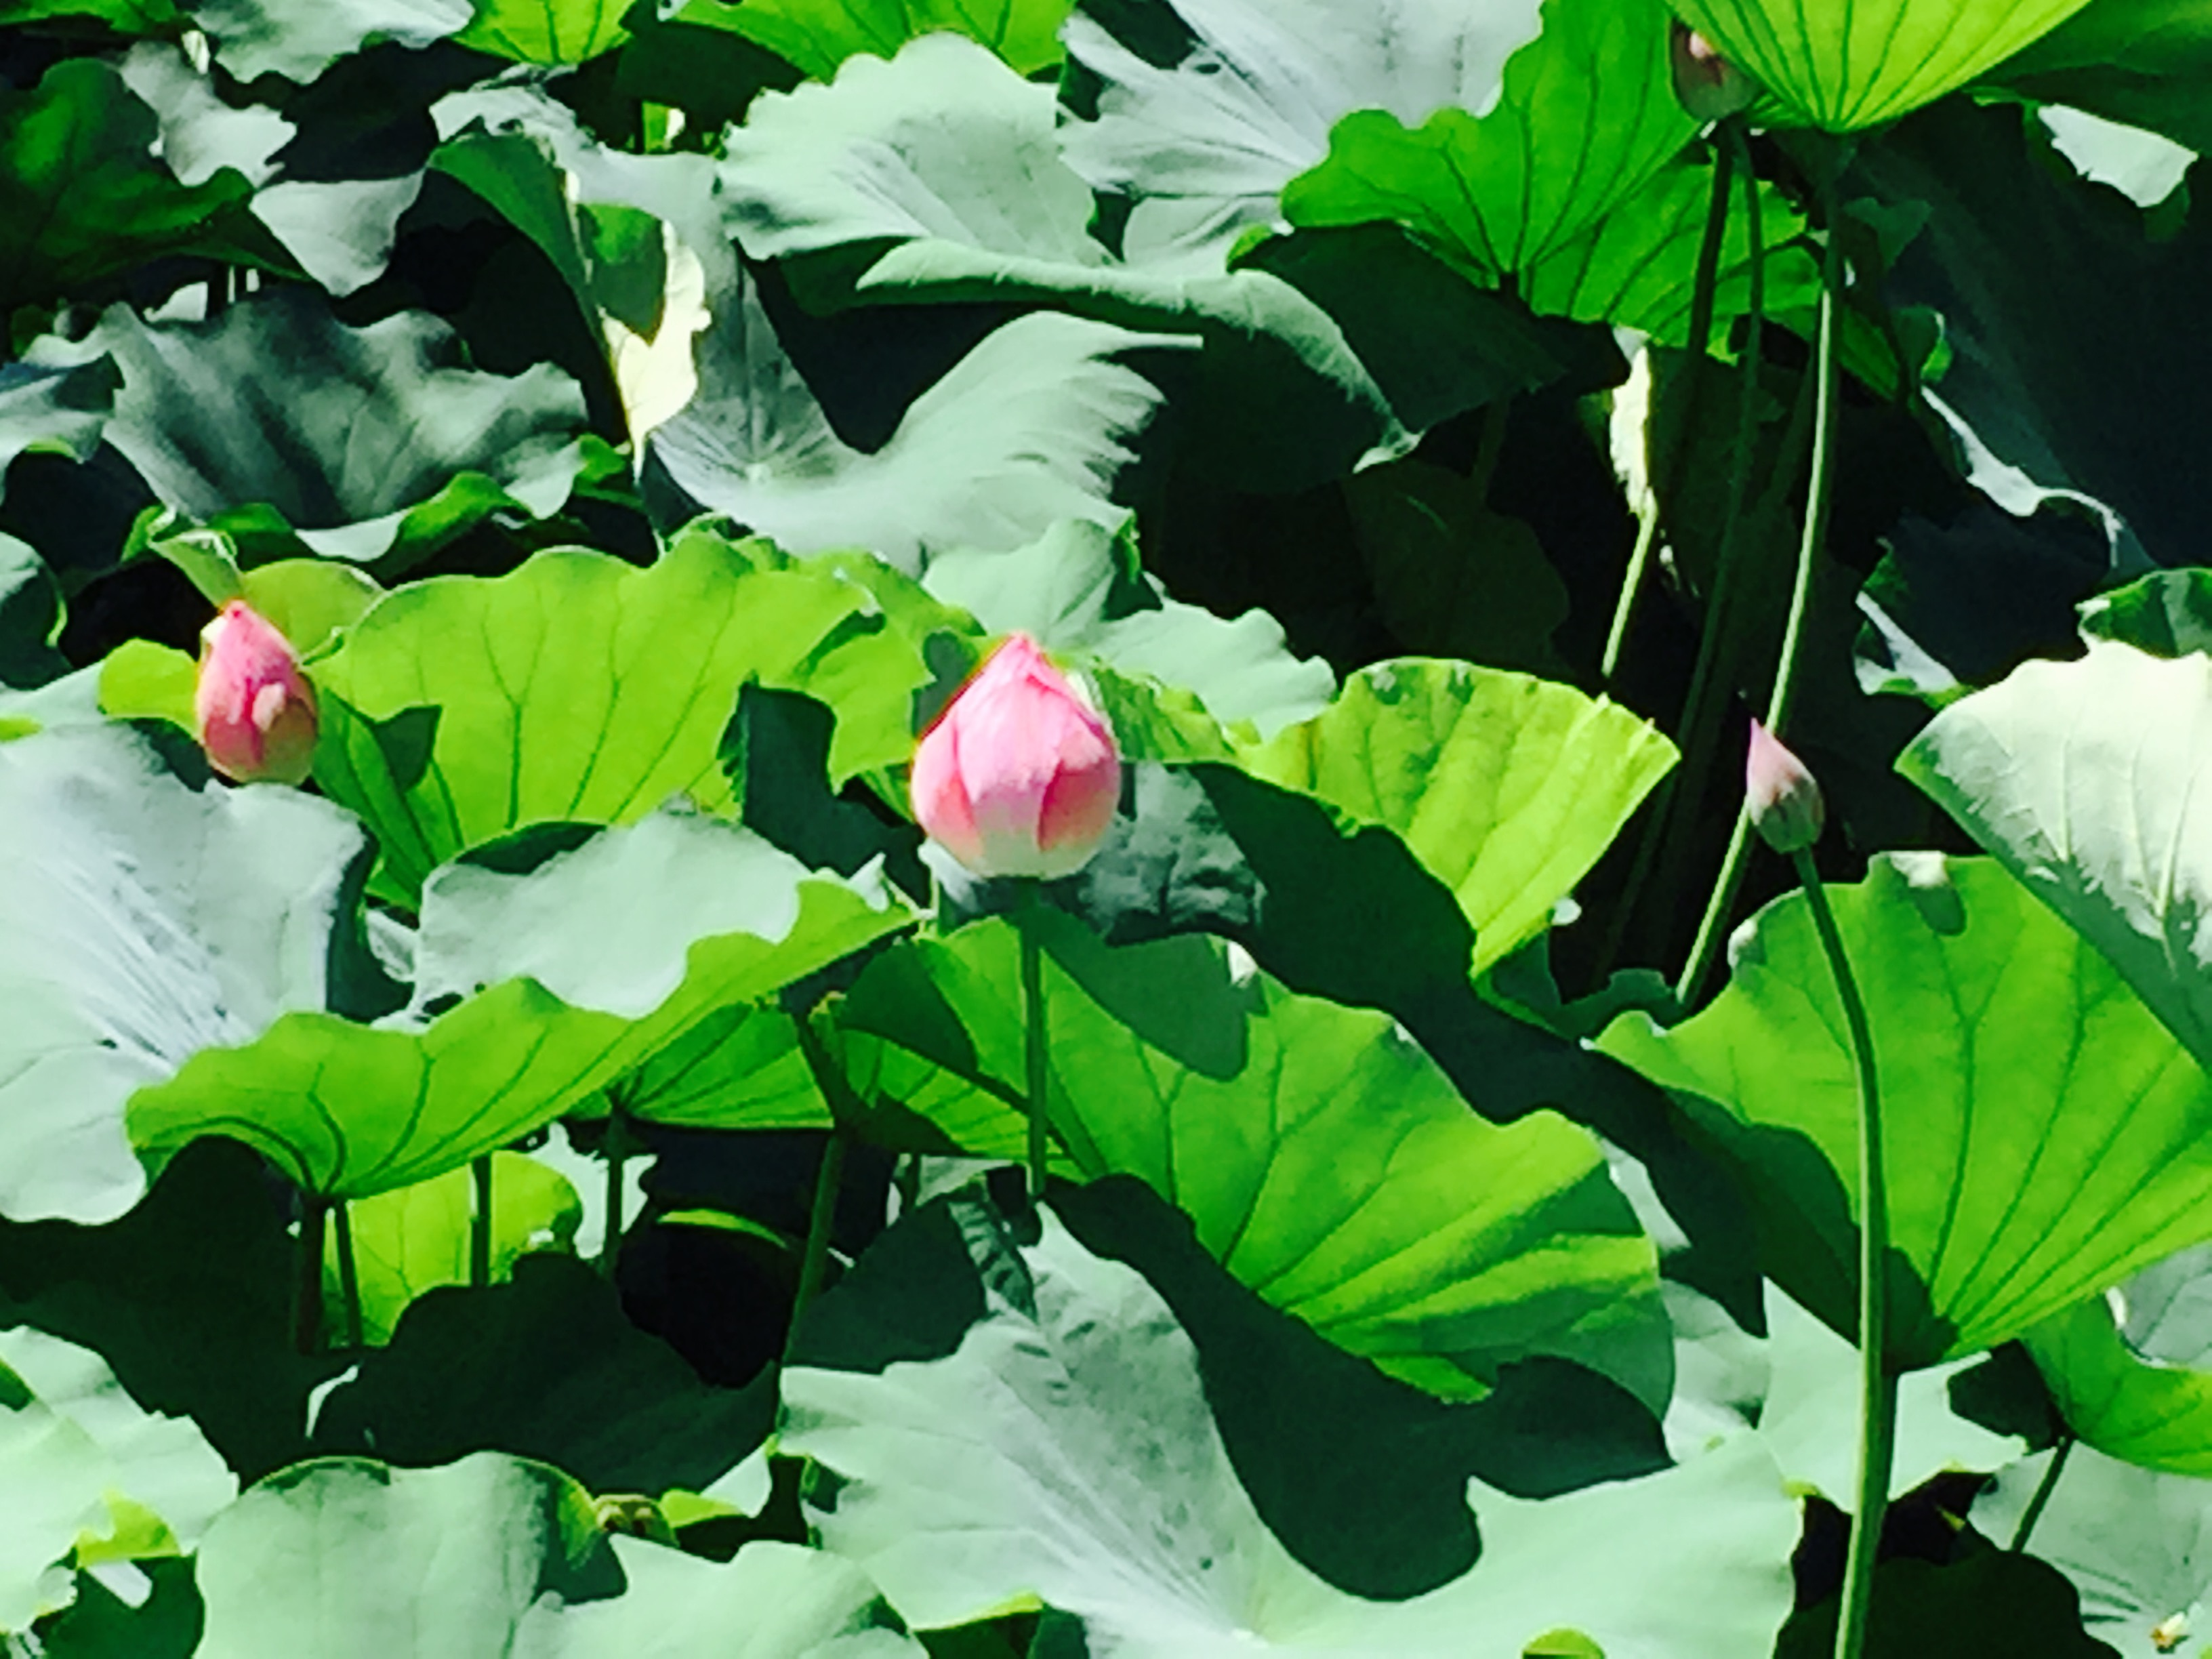 Photo of a lotus garden